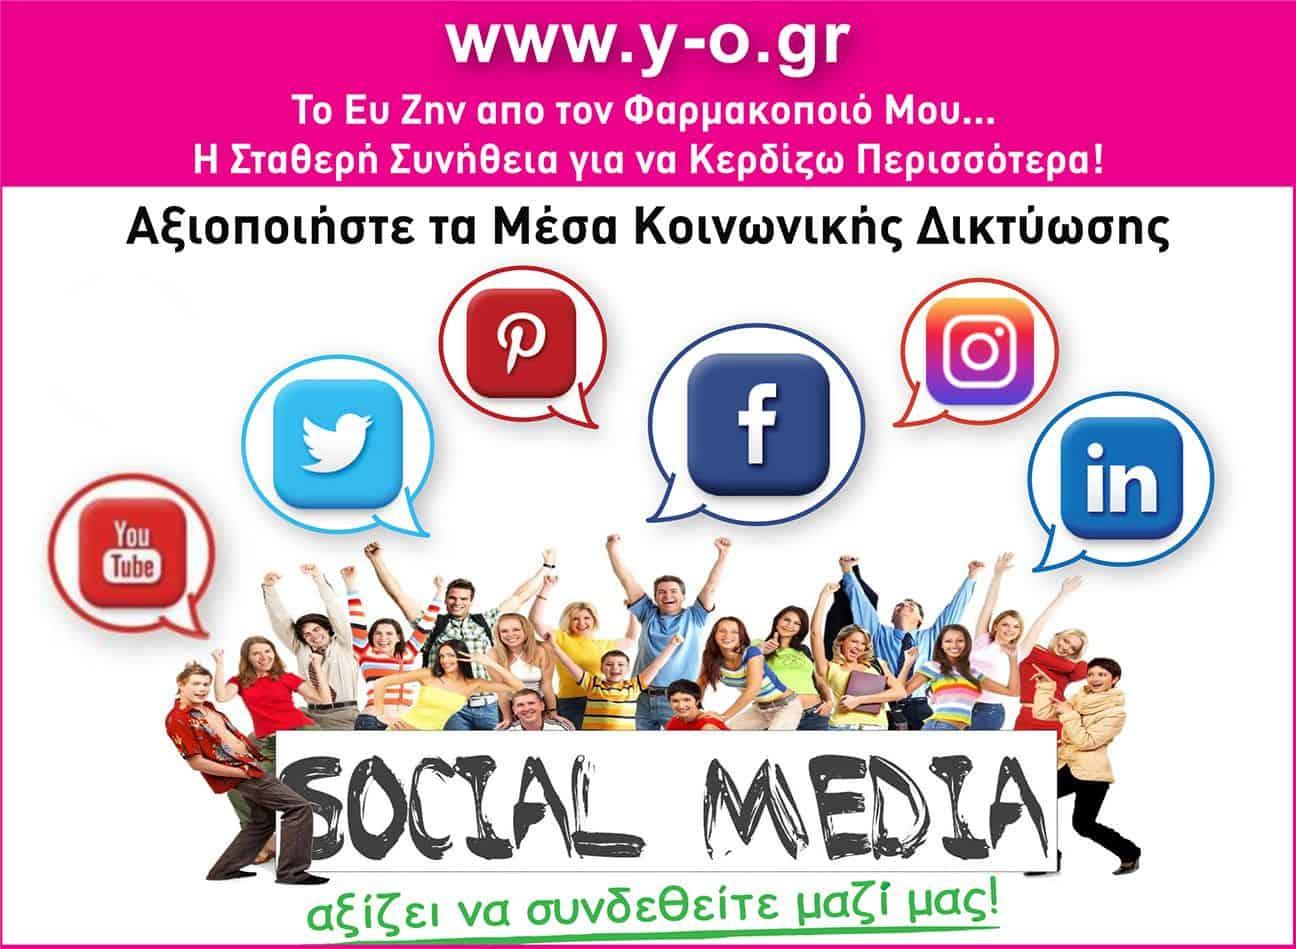 Αξιοποιήστε τα Μέσα Κοινωνικής Δικτύωσης